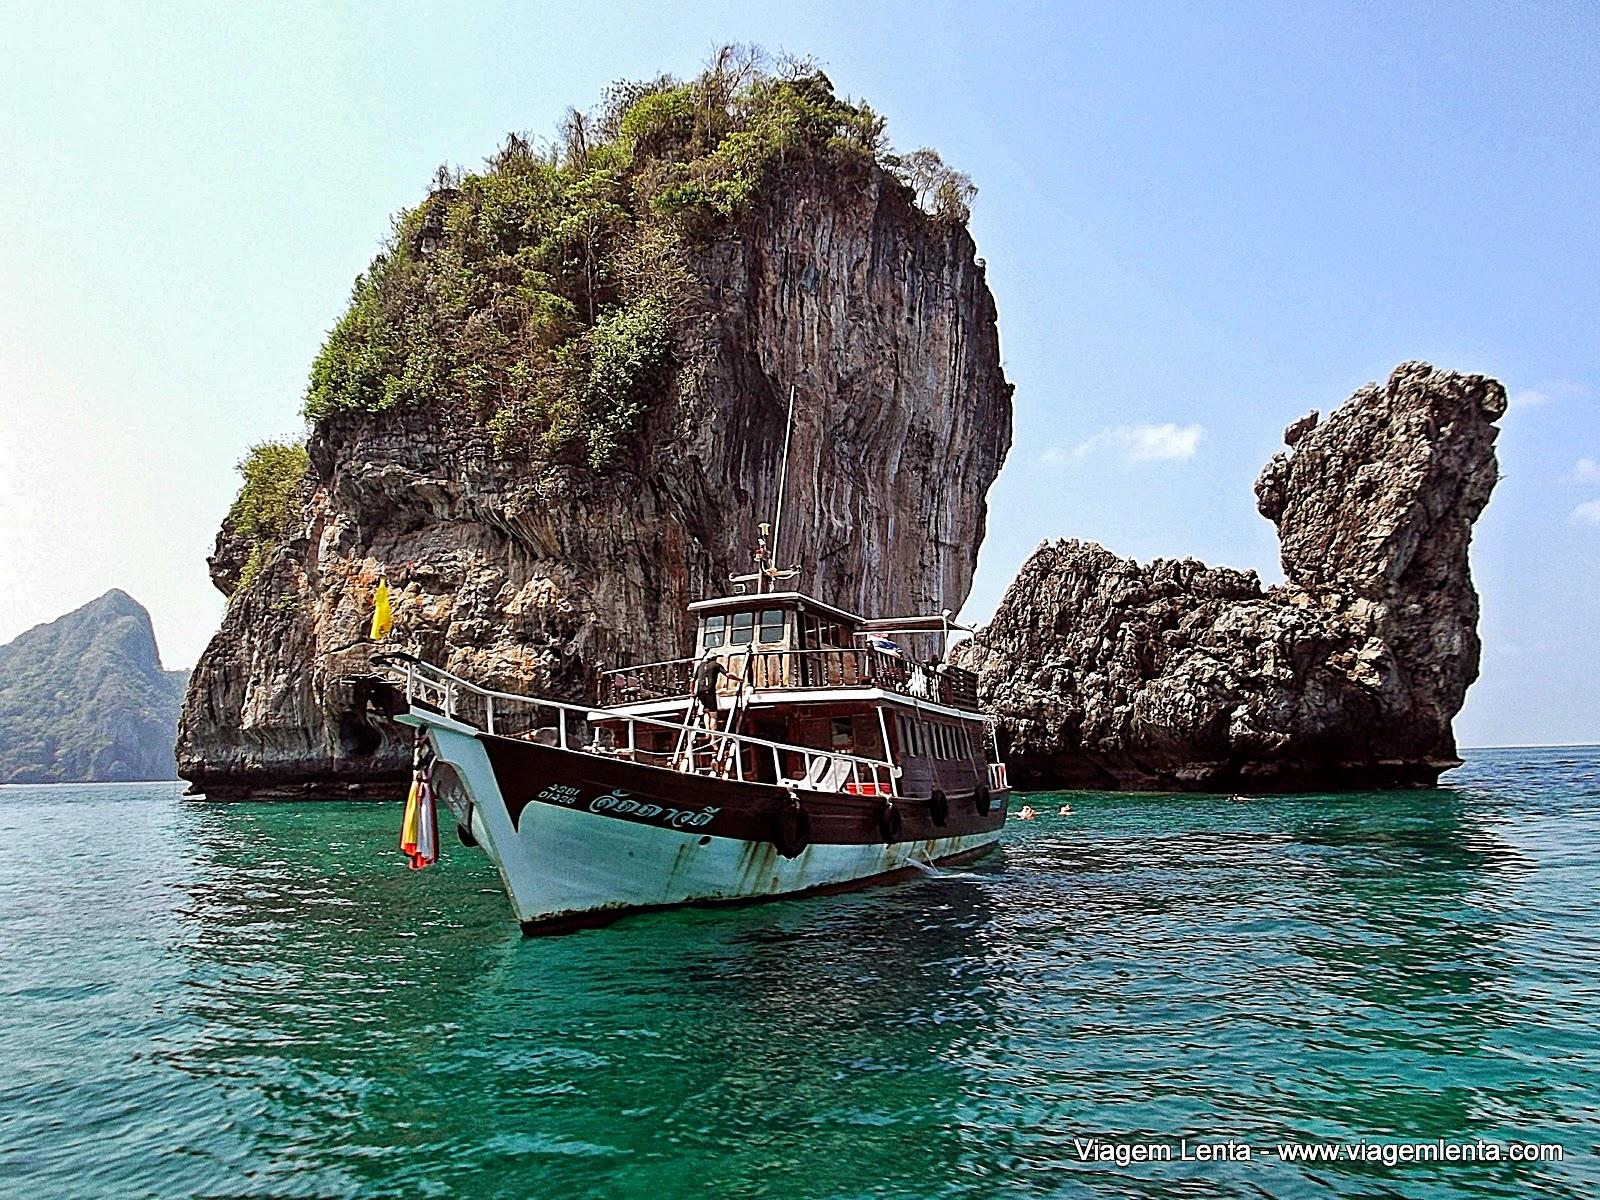 Relato de viagem a Krabi, Au Nang e ilhas de Koh Phi Phi. Cenários paradisíacos dignos de total relaxamento.